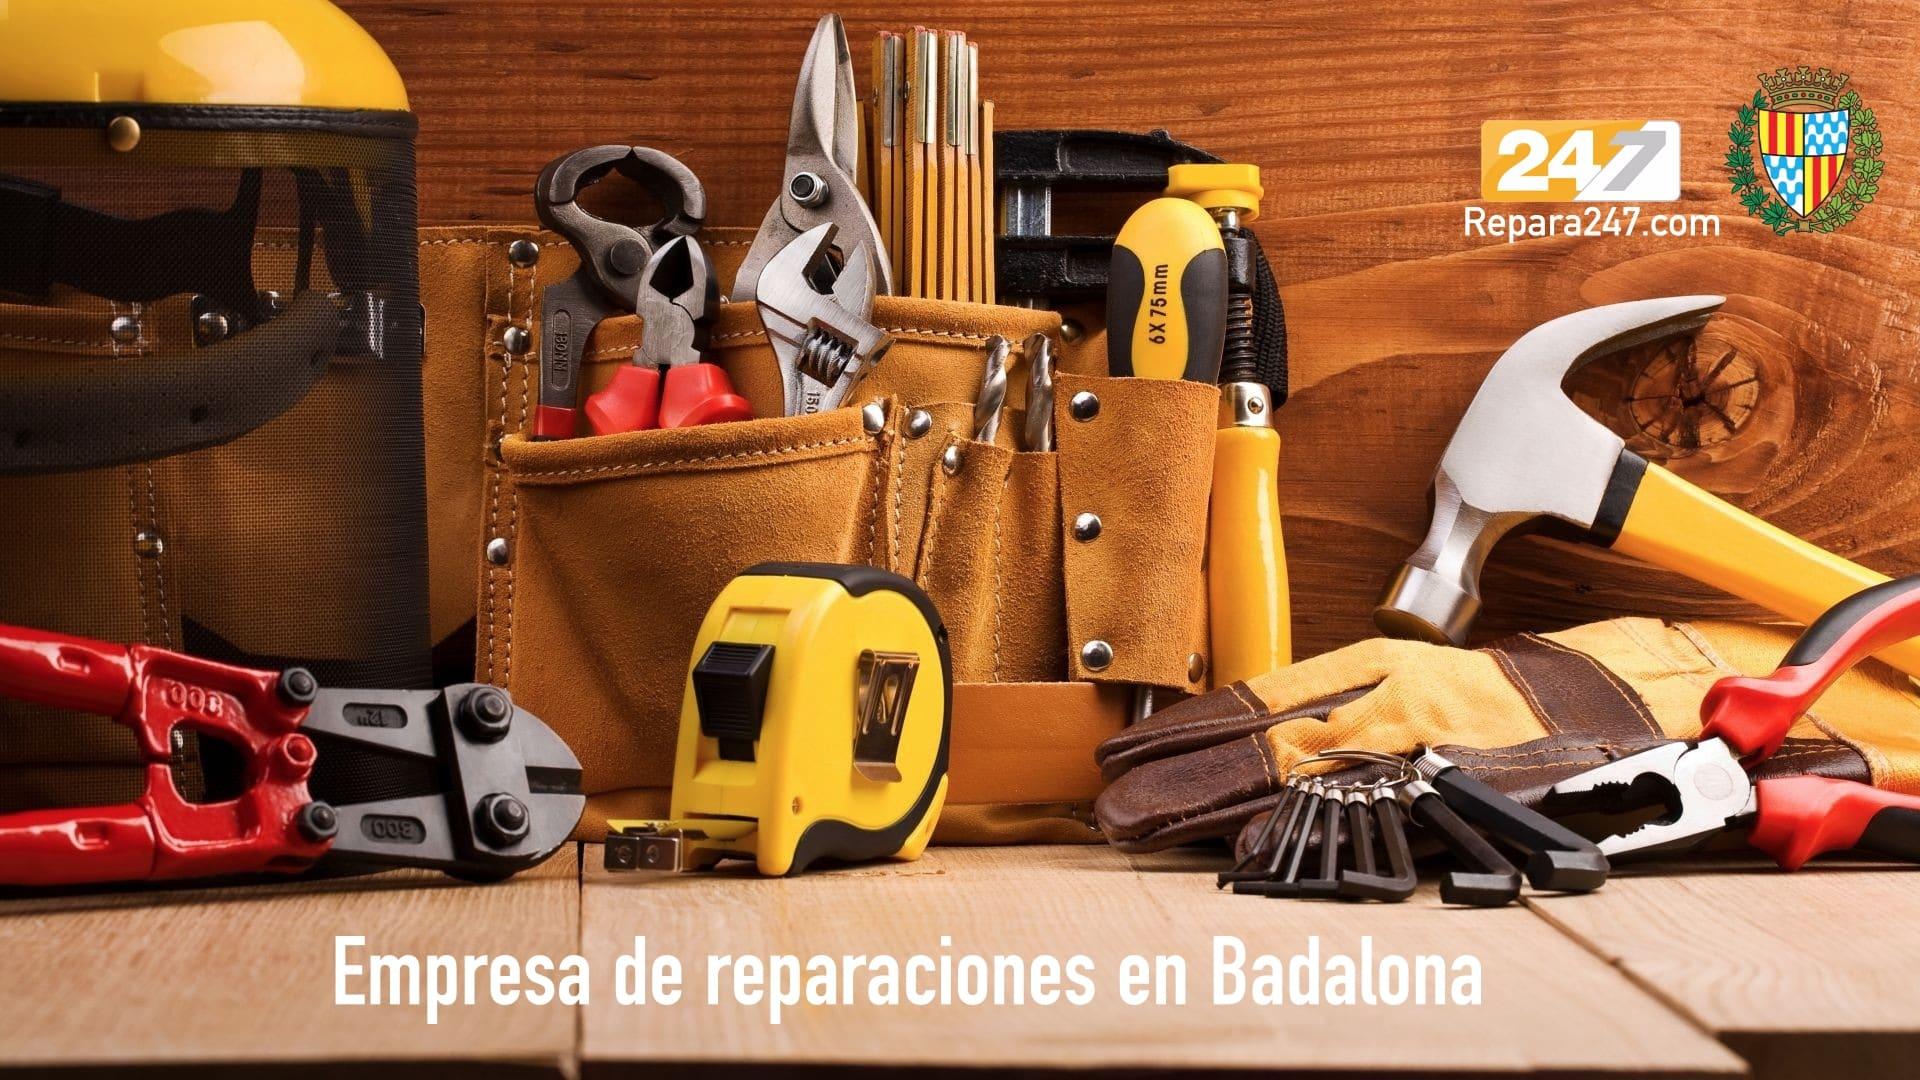 Empresa de reparaciones en Badalona